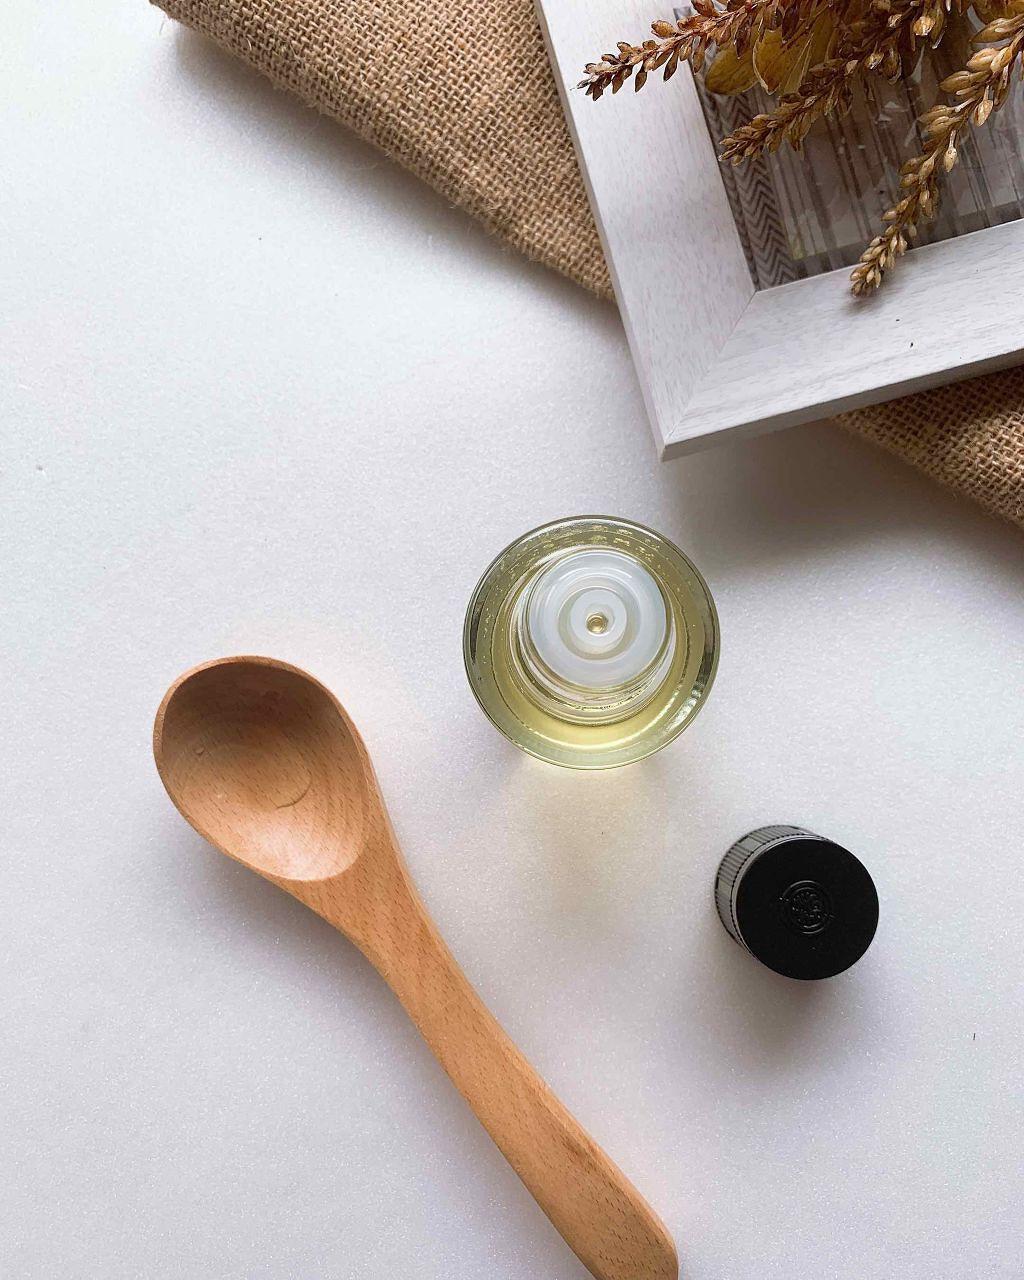 「椿油の《11通りの使い方》を解説!髪、顔、全身に使えるマルチなおすすめ椿油3選」の画像(#188655)